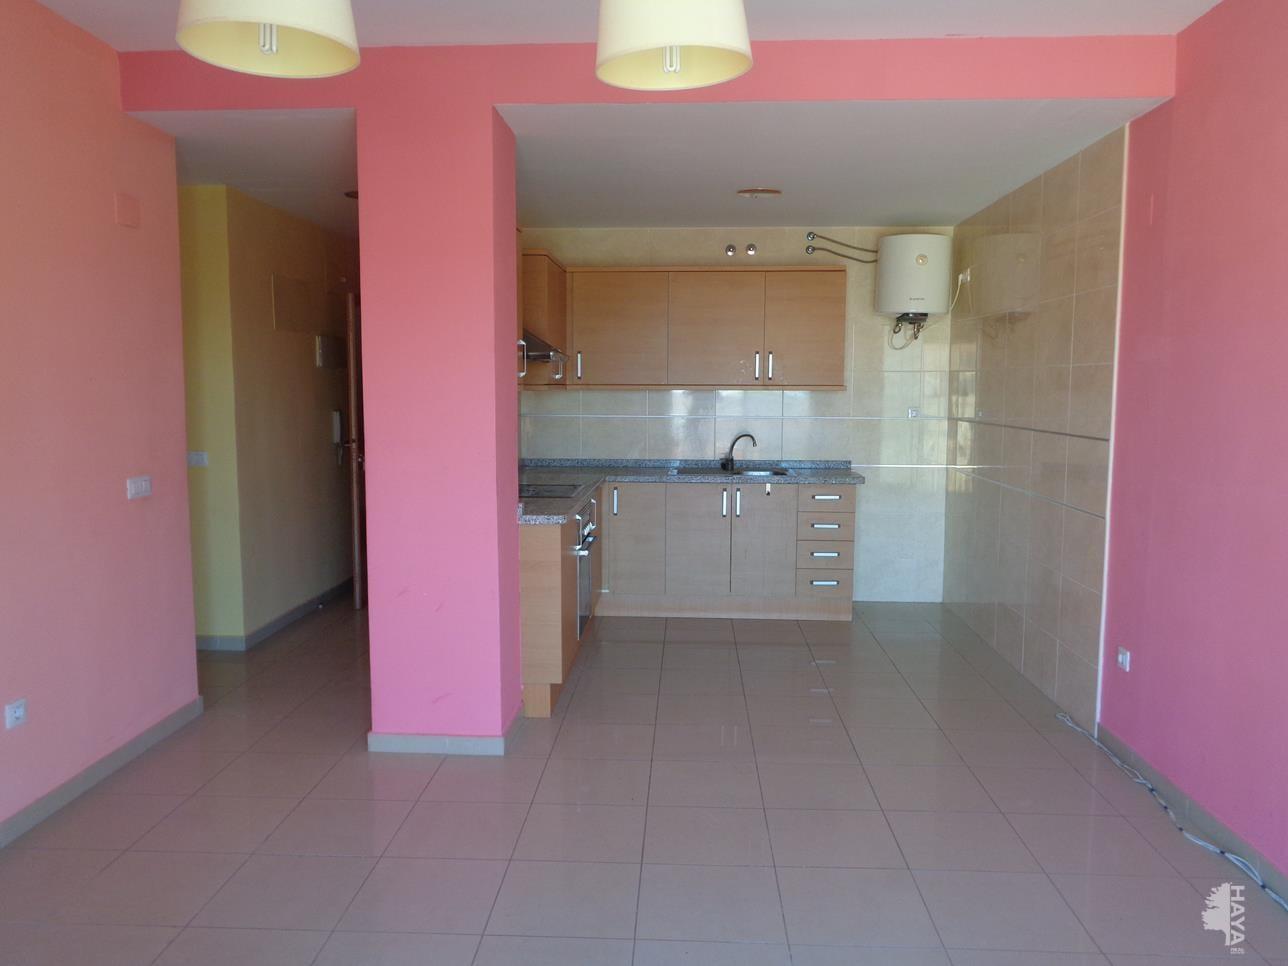 Piso en venta en Benigánim, Valencia, Calle Moli de Castello, 49.000 €, 2 habitaciones, 1 baño, 69 m2